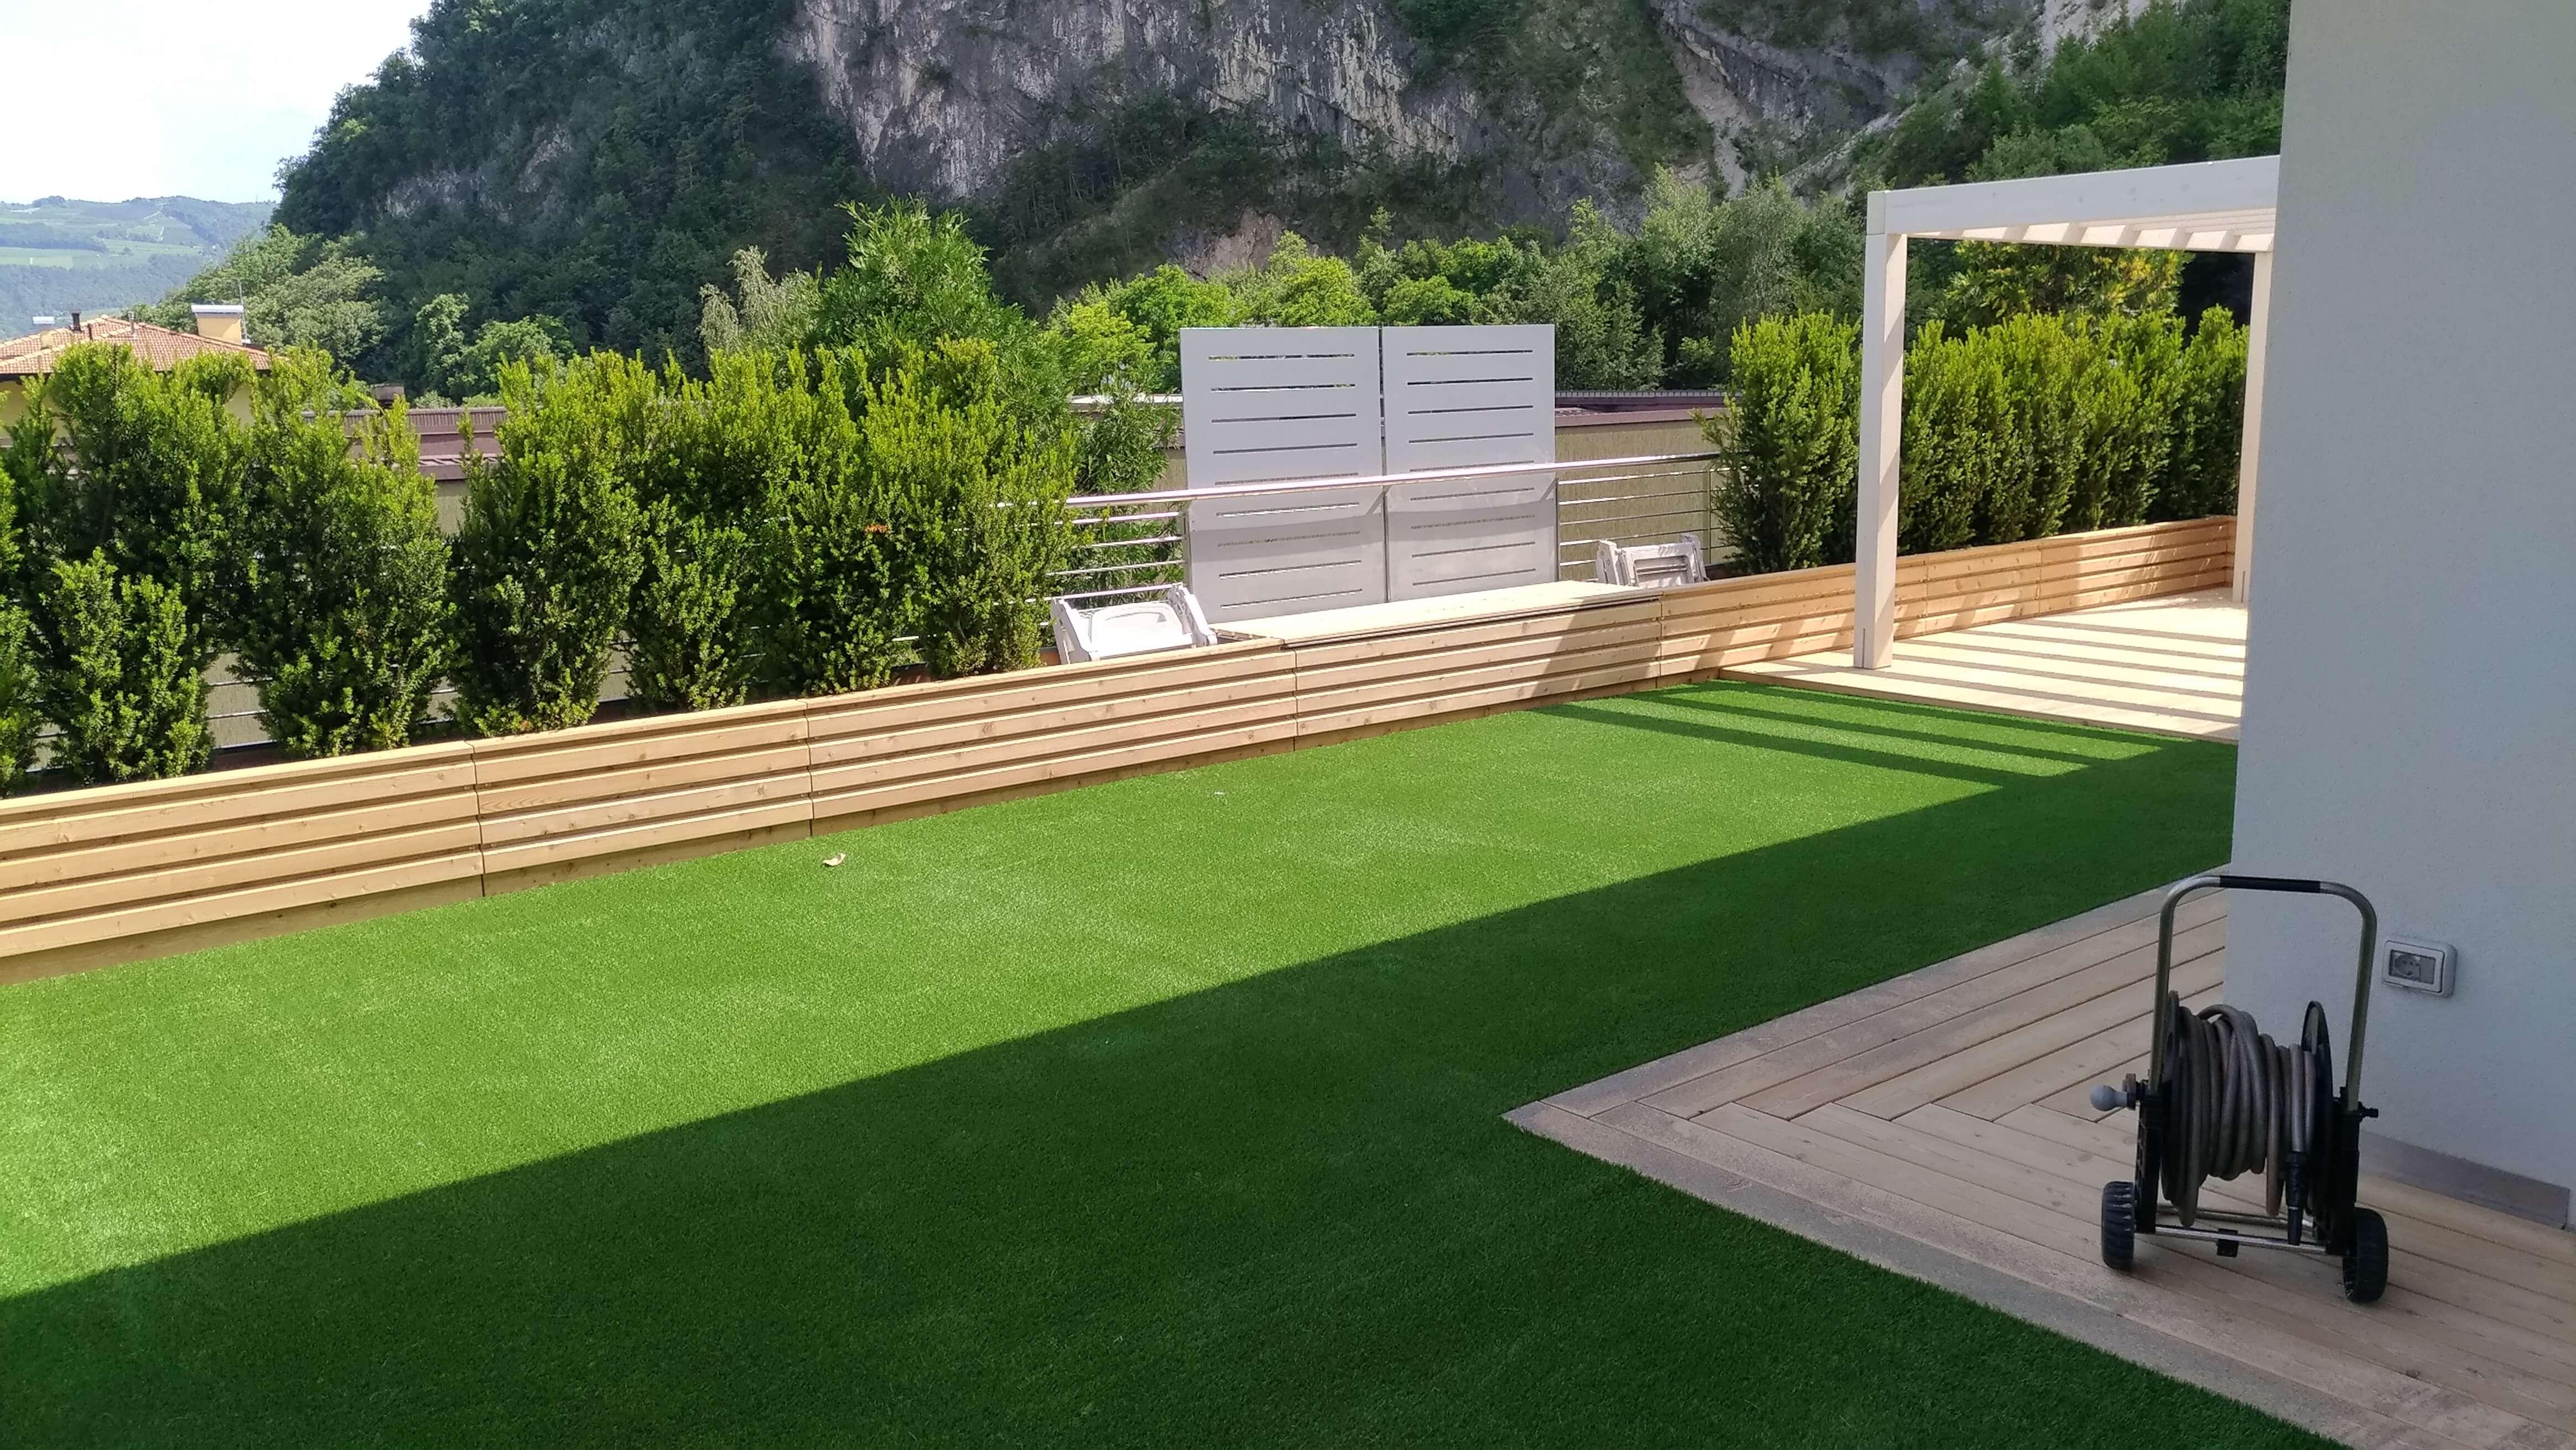 Giardino con erba sintetica p e particolare in legno impianti